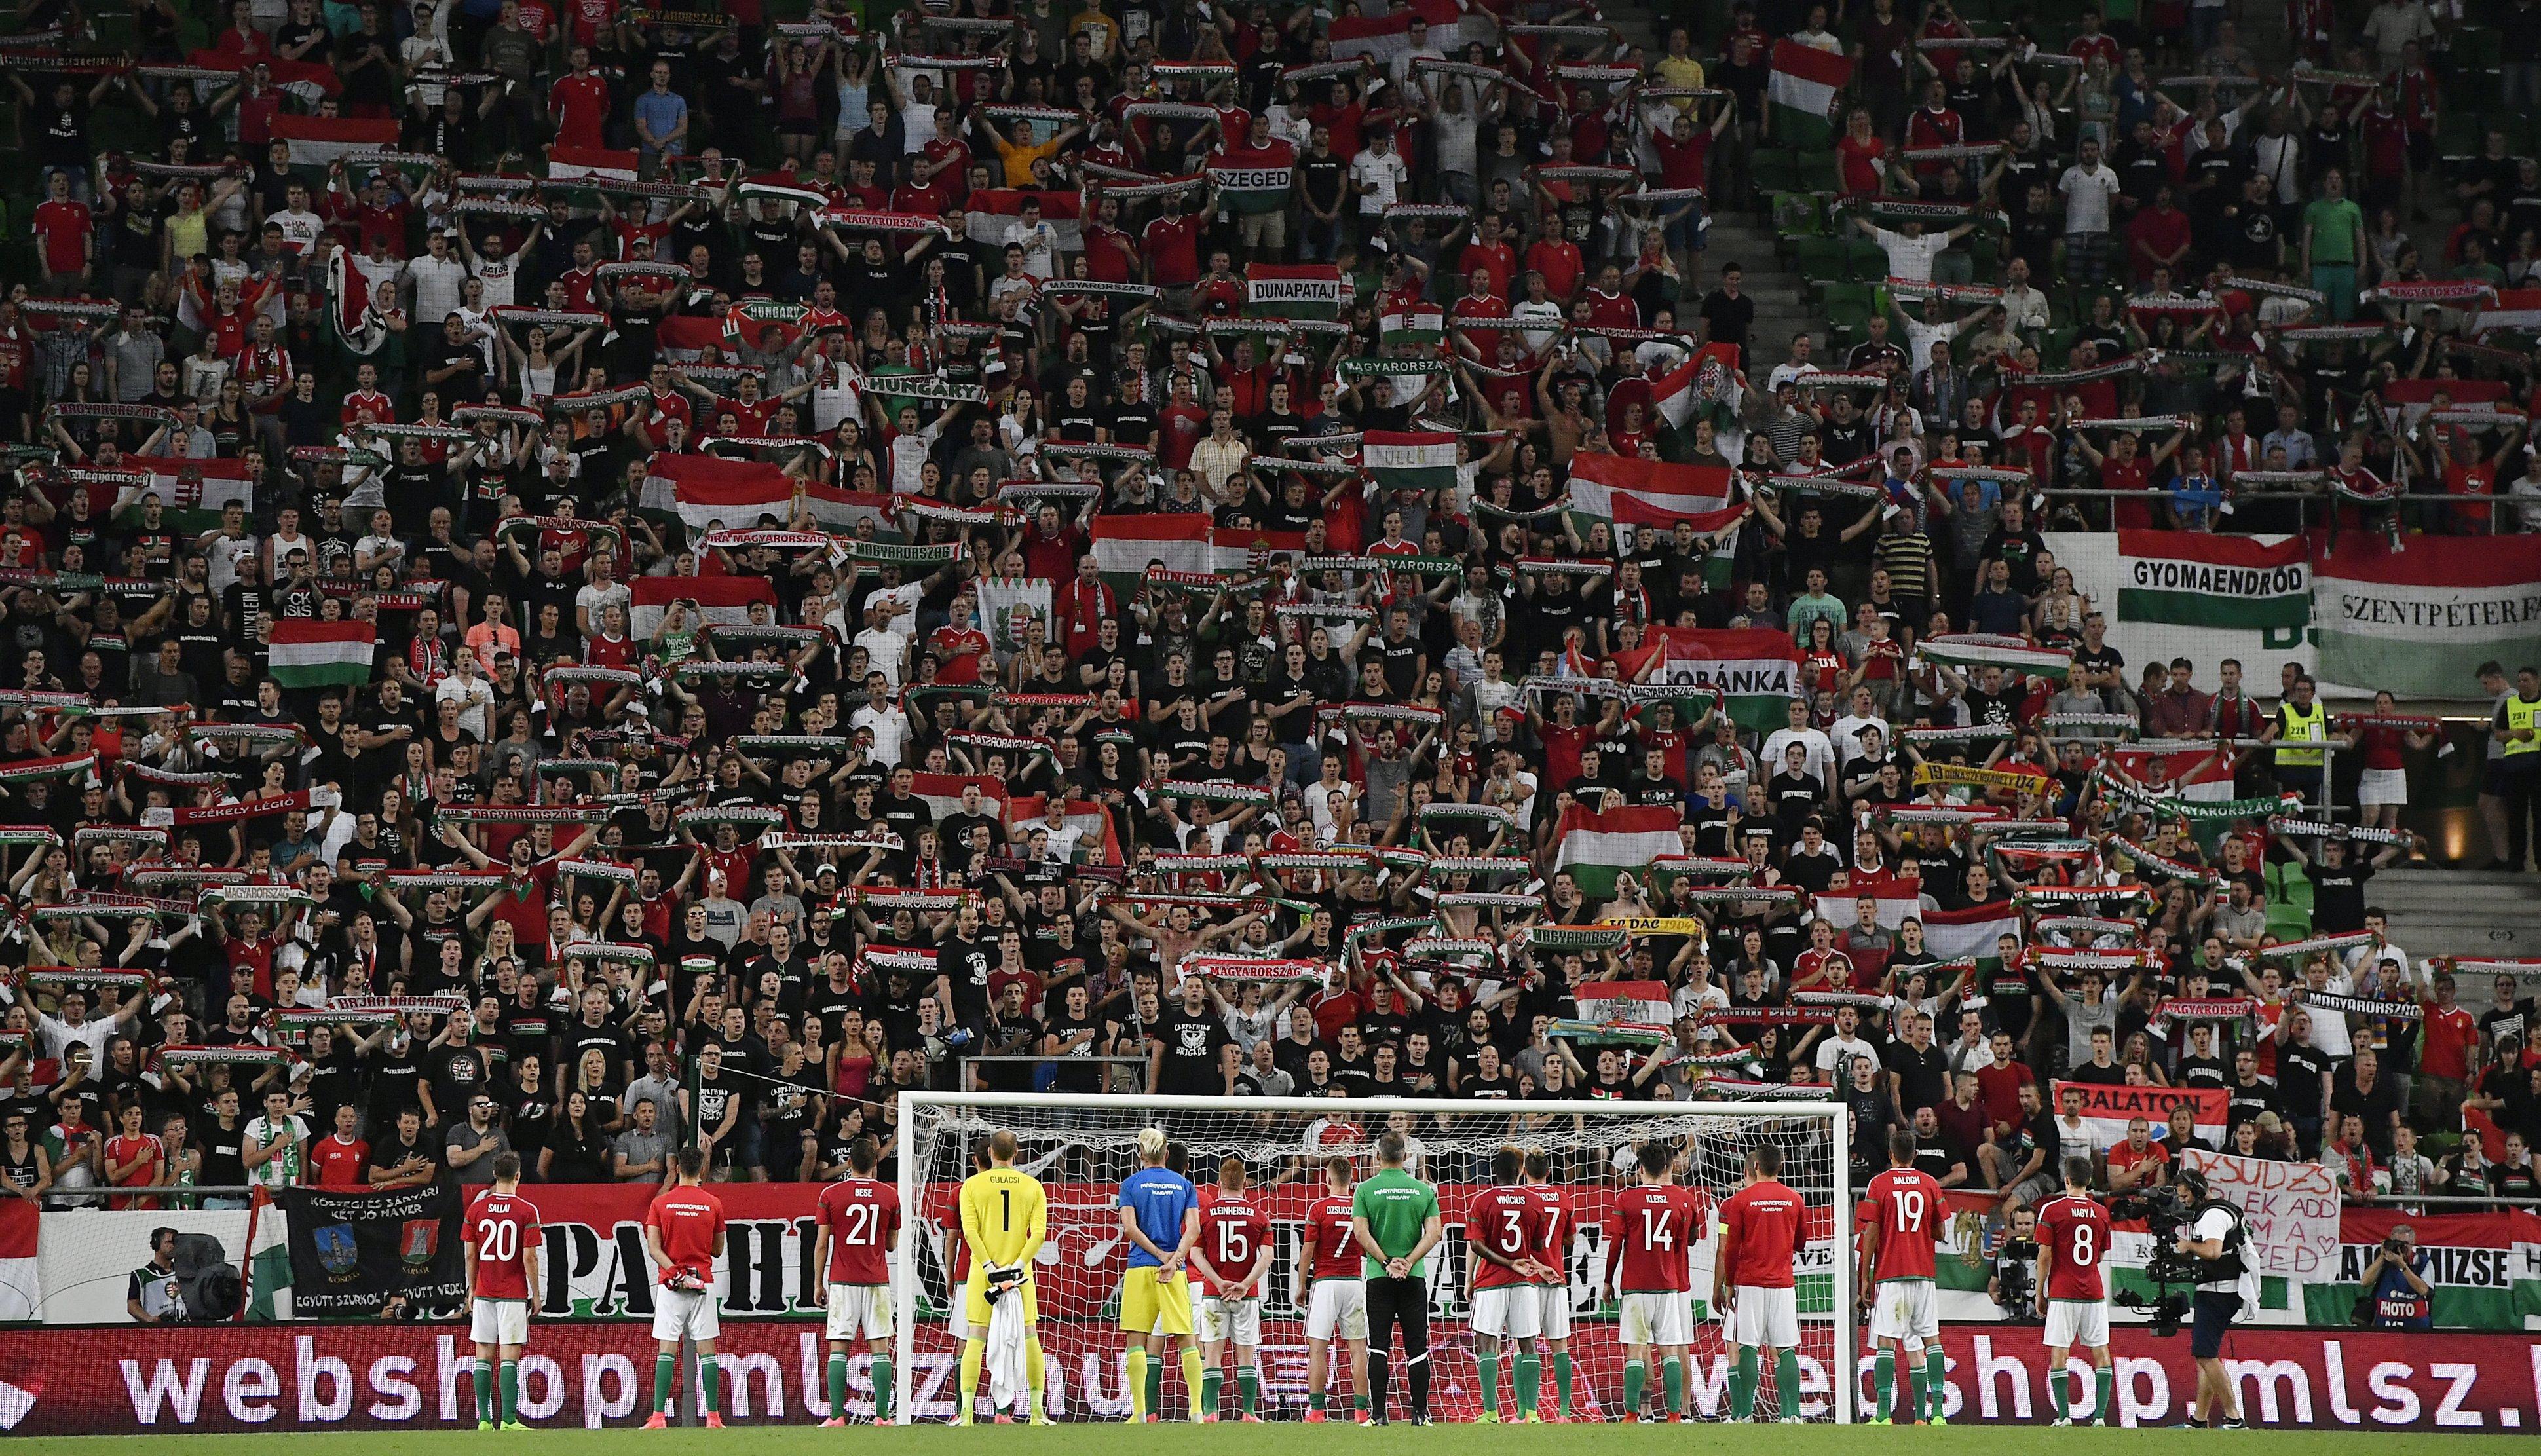 Bojkottálják az ultrák a válogatott idei utolsó meccsét